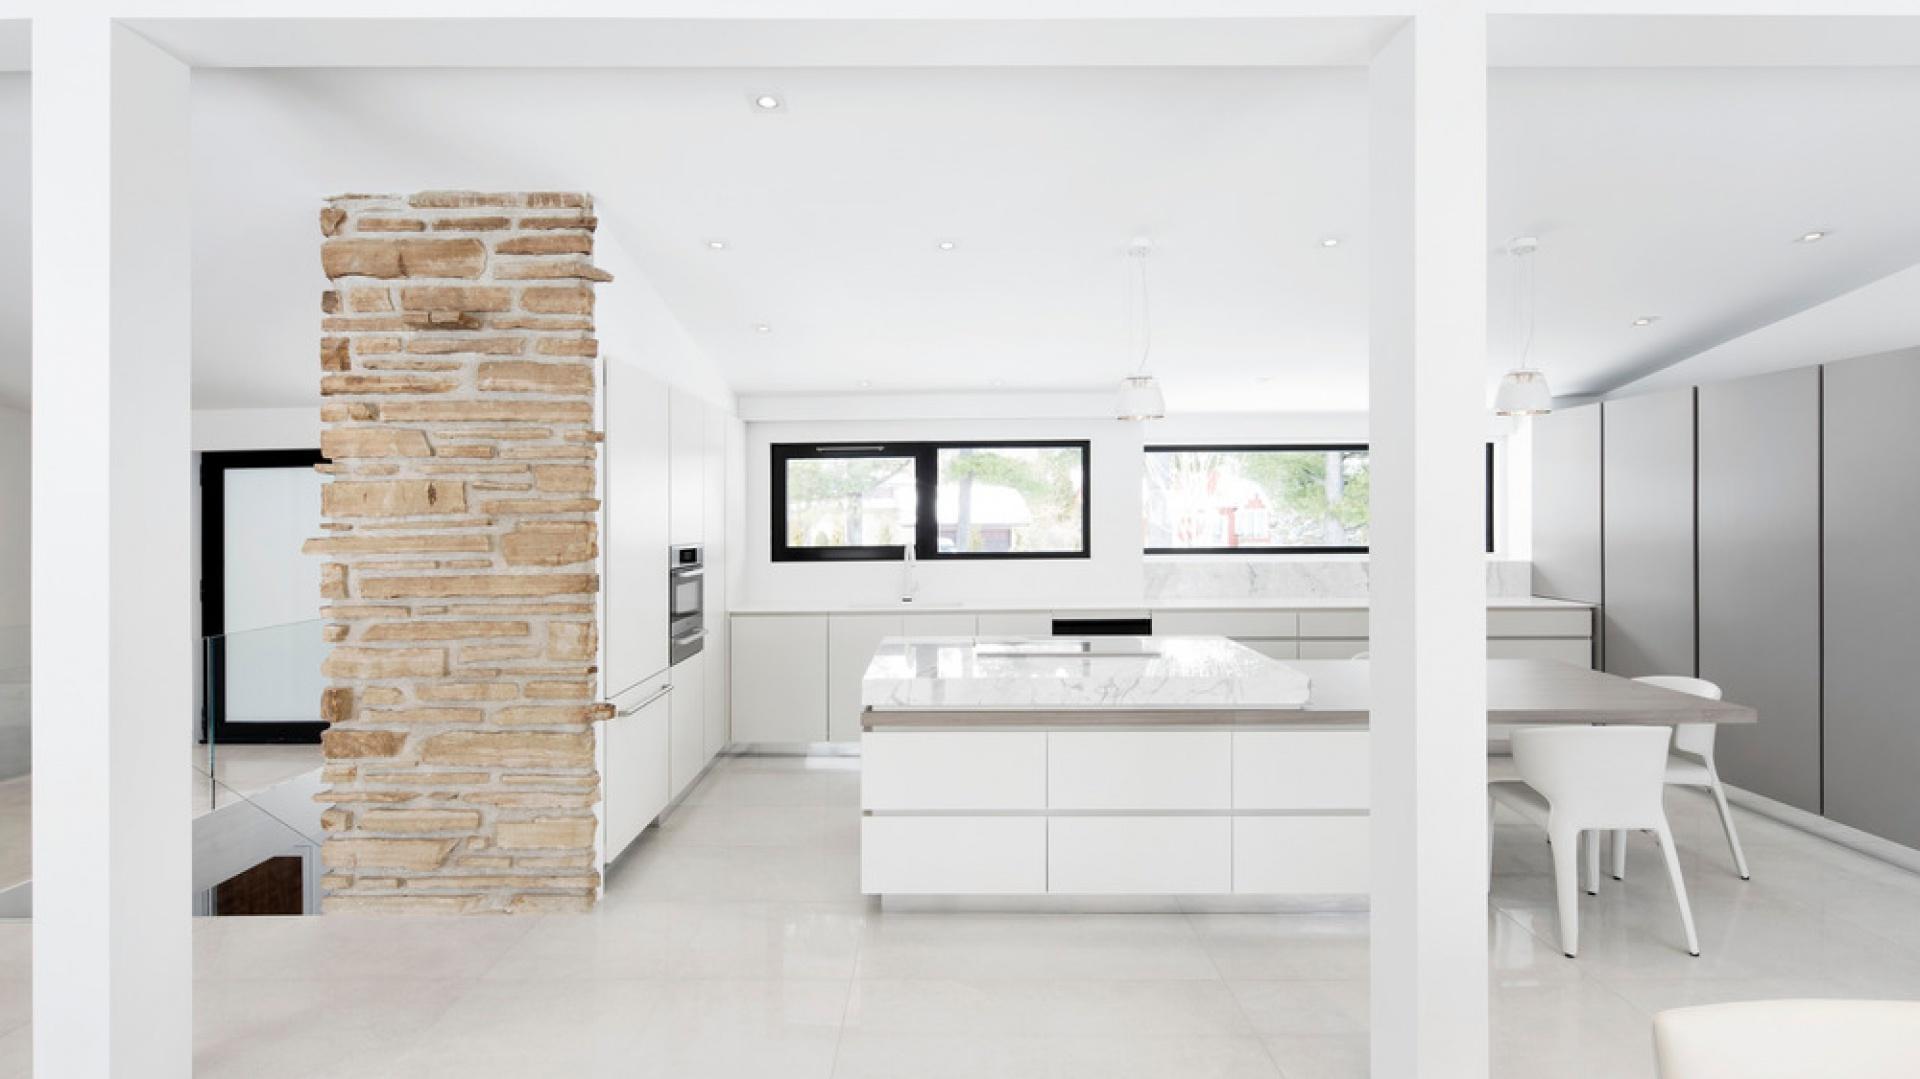 Dominującą we wnętrzu niemal sterylną biel przełamują i ocieplają naturalne materiały, np. naturalny kamień. Projekt: Architecture Open Form. Fot. Adrien Williams.